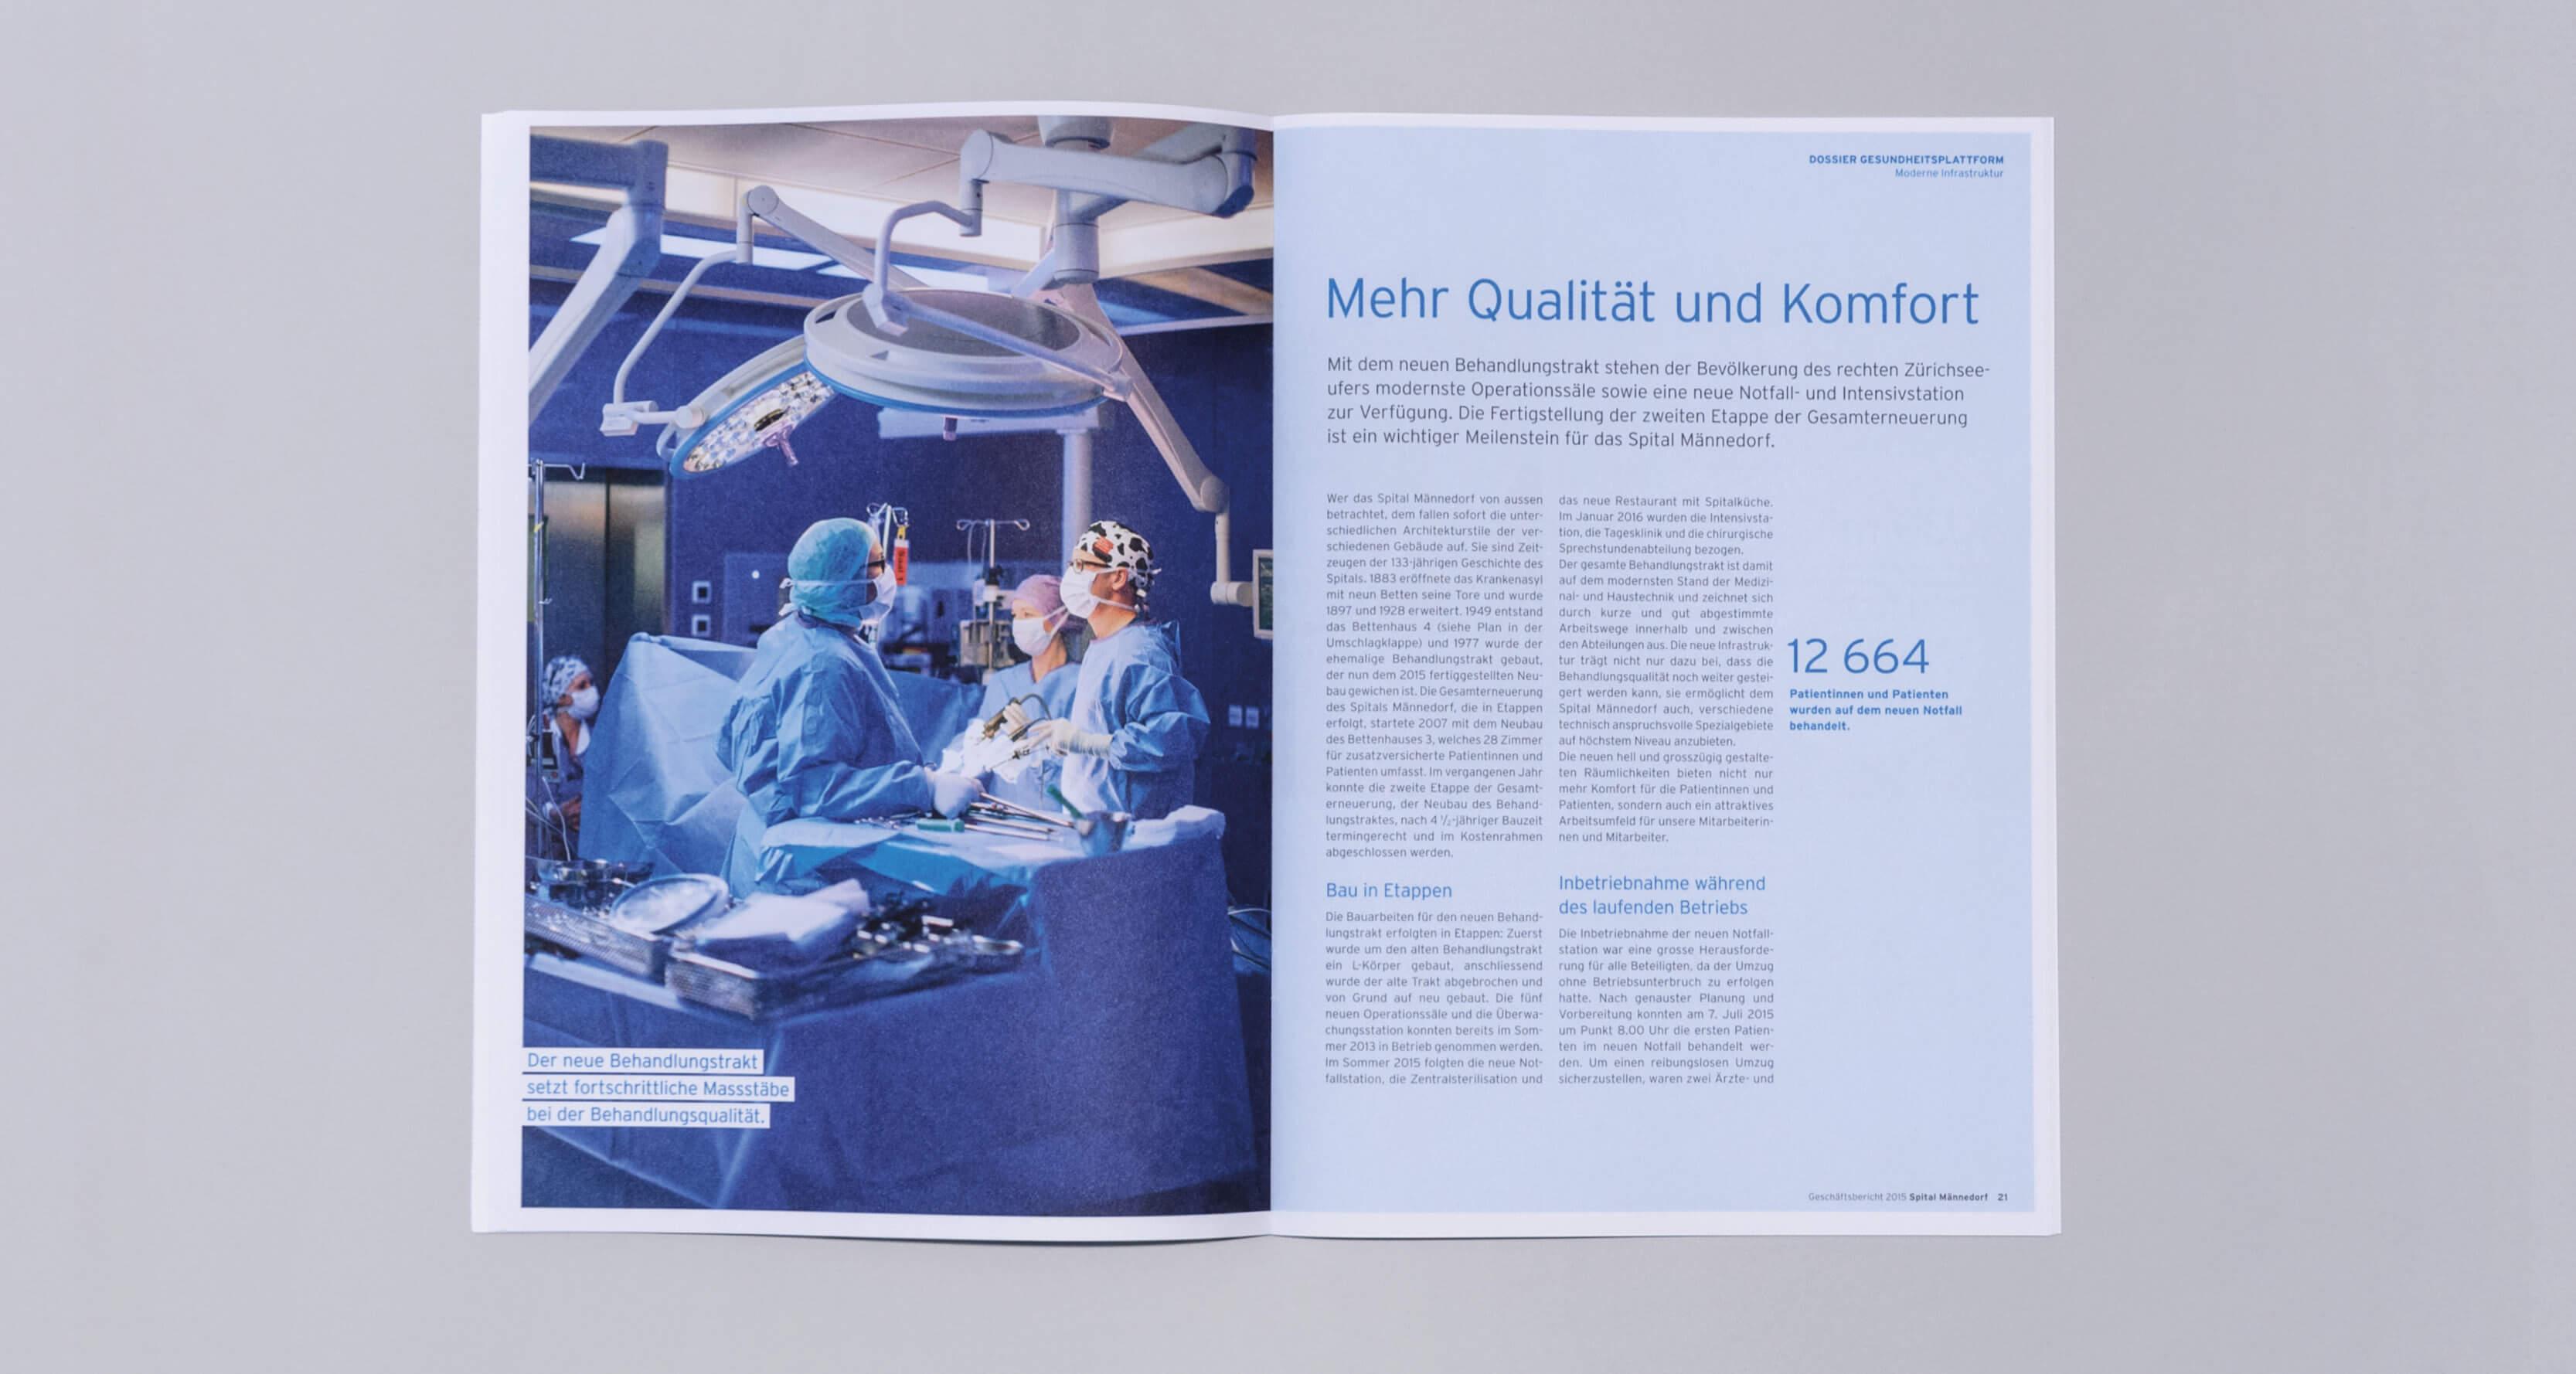 SpitalMaennedorf_Geschaeftsbericht_2015_